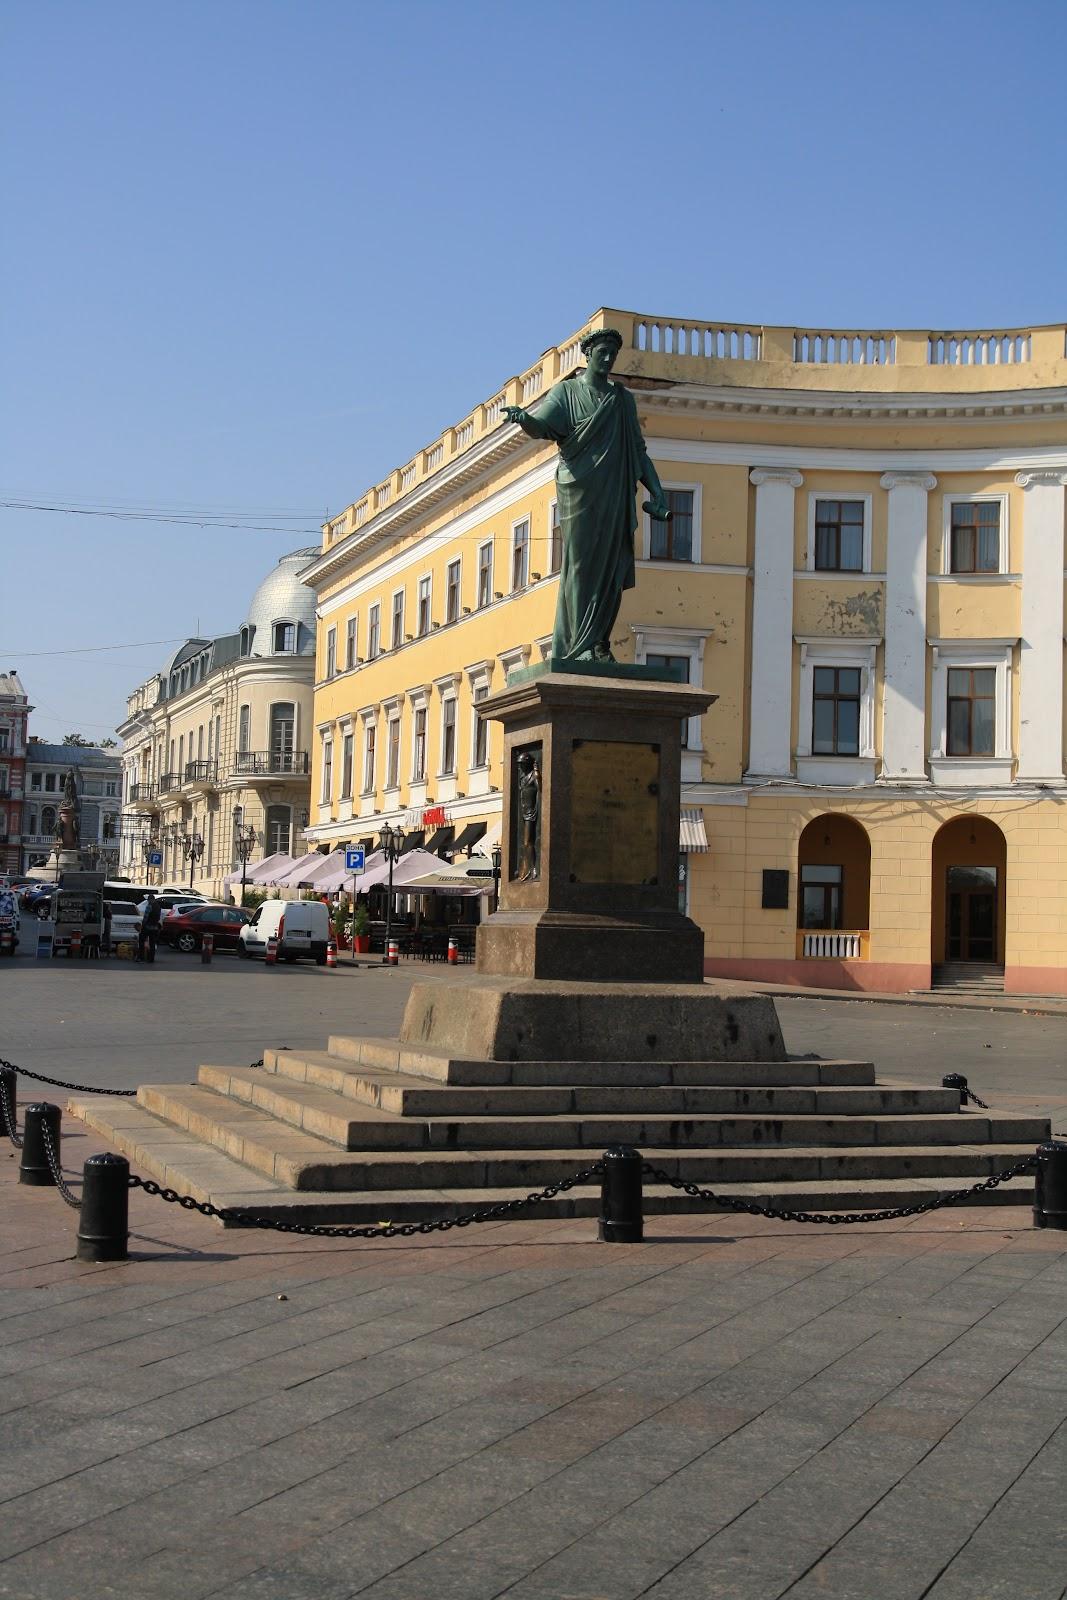 визначна пам'ятока Одеси -пам'ятник Дюку Рішельє